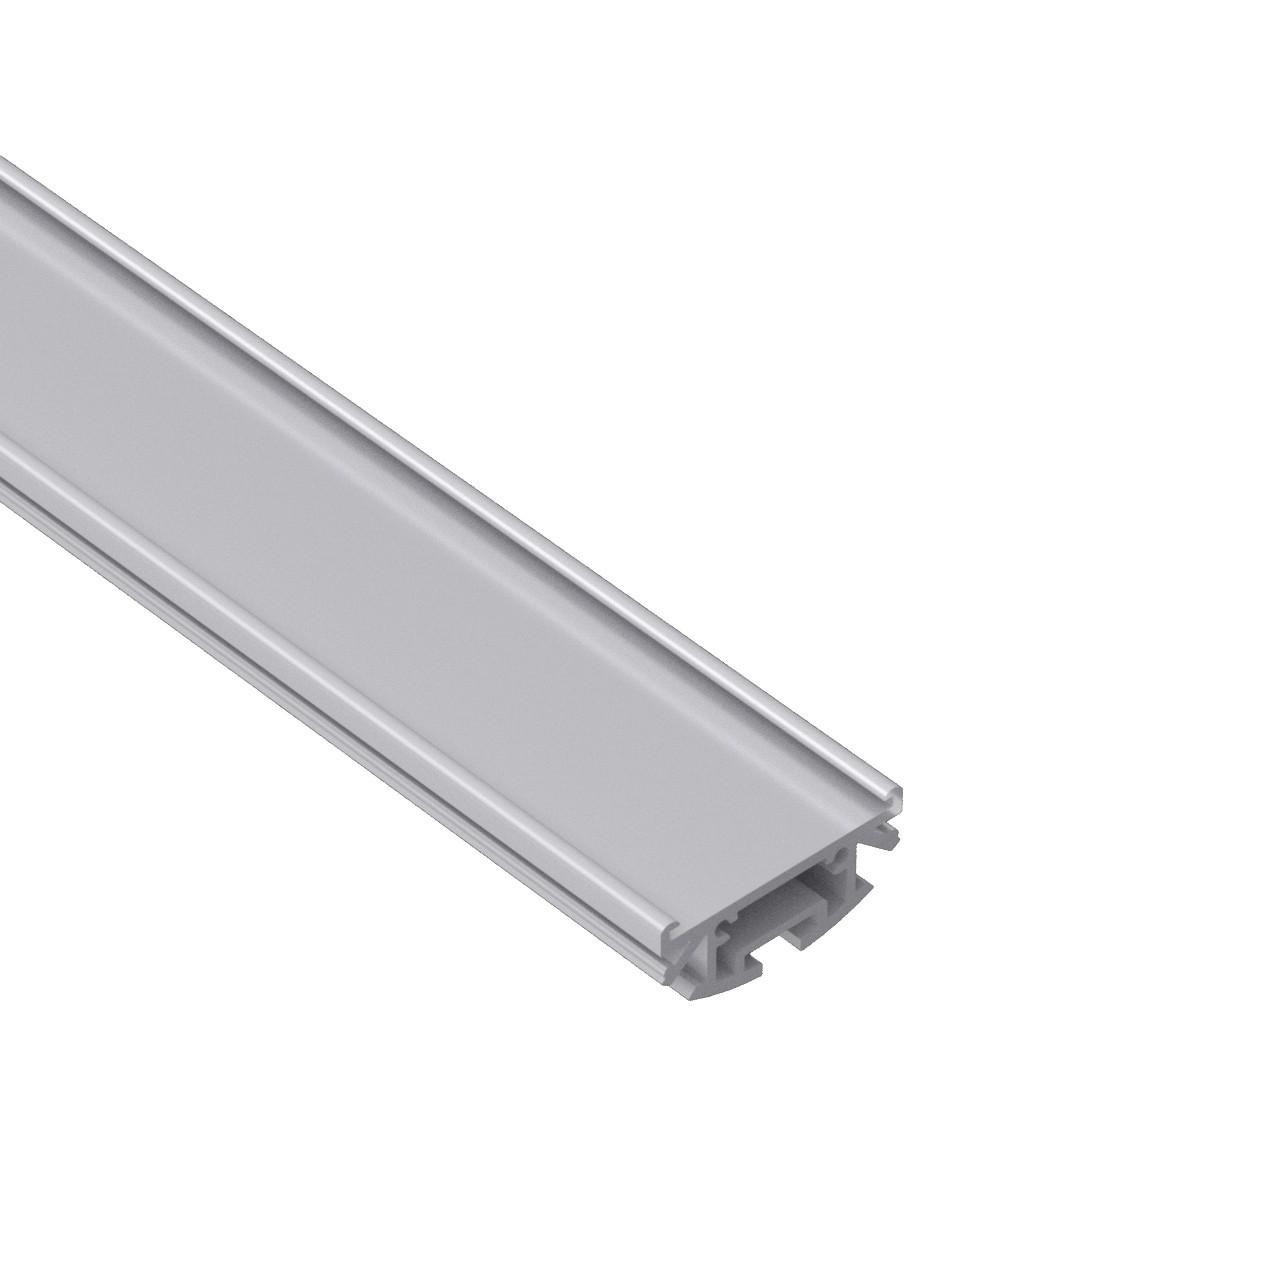 Perfil R60 colgante del aluminio